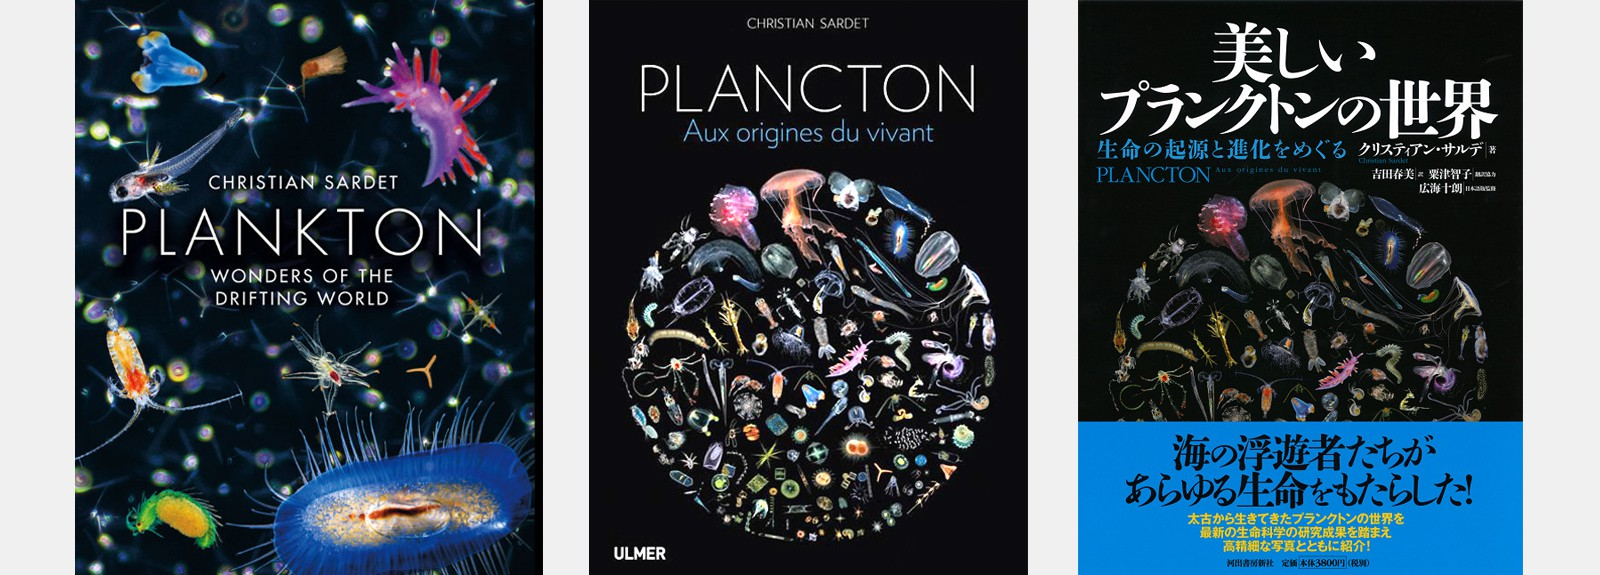 Christian Sardet, acteur d'OCEANOMICS et auteur de Plancton, aux origines du vivant, disponible en français, anglais et japonais